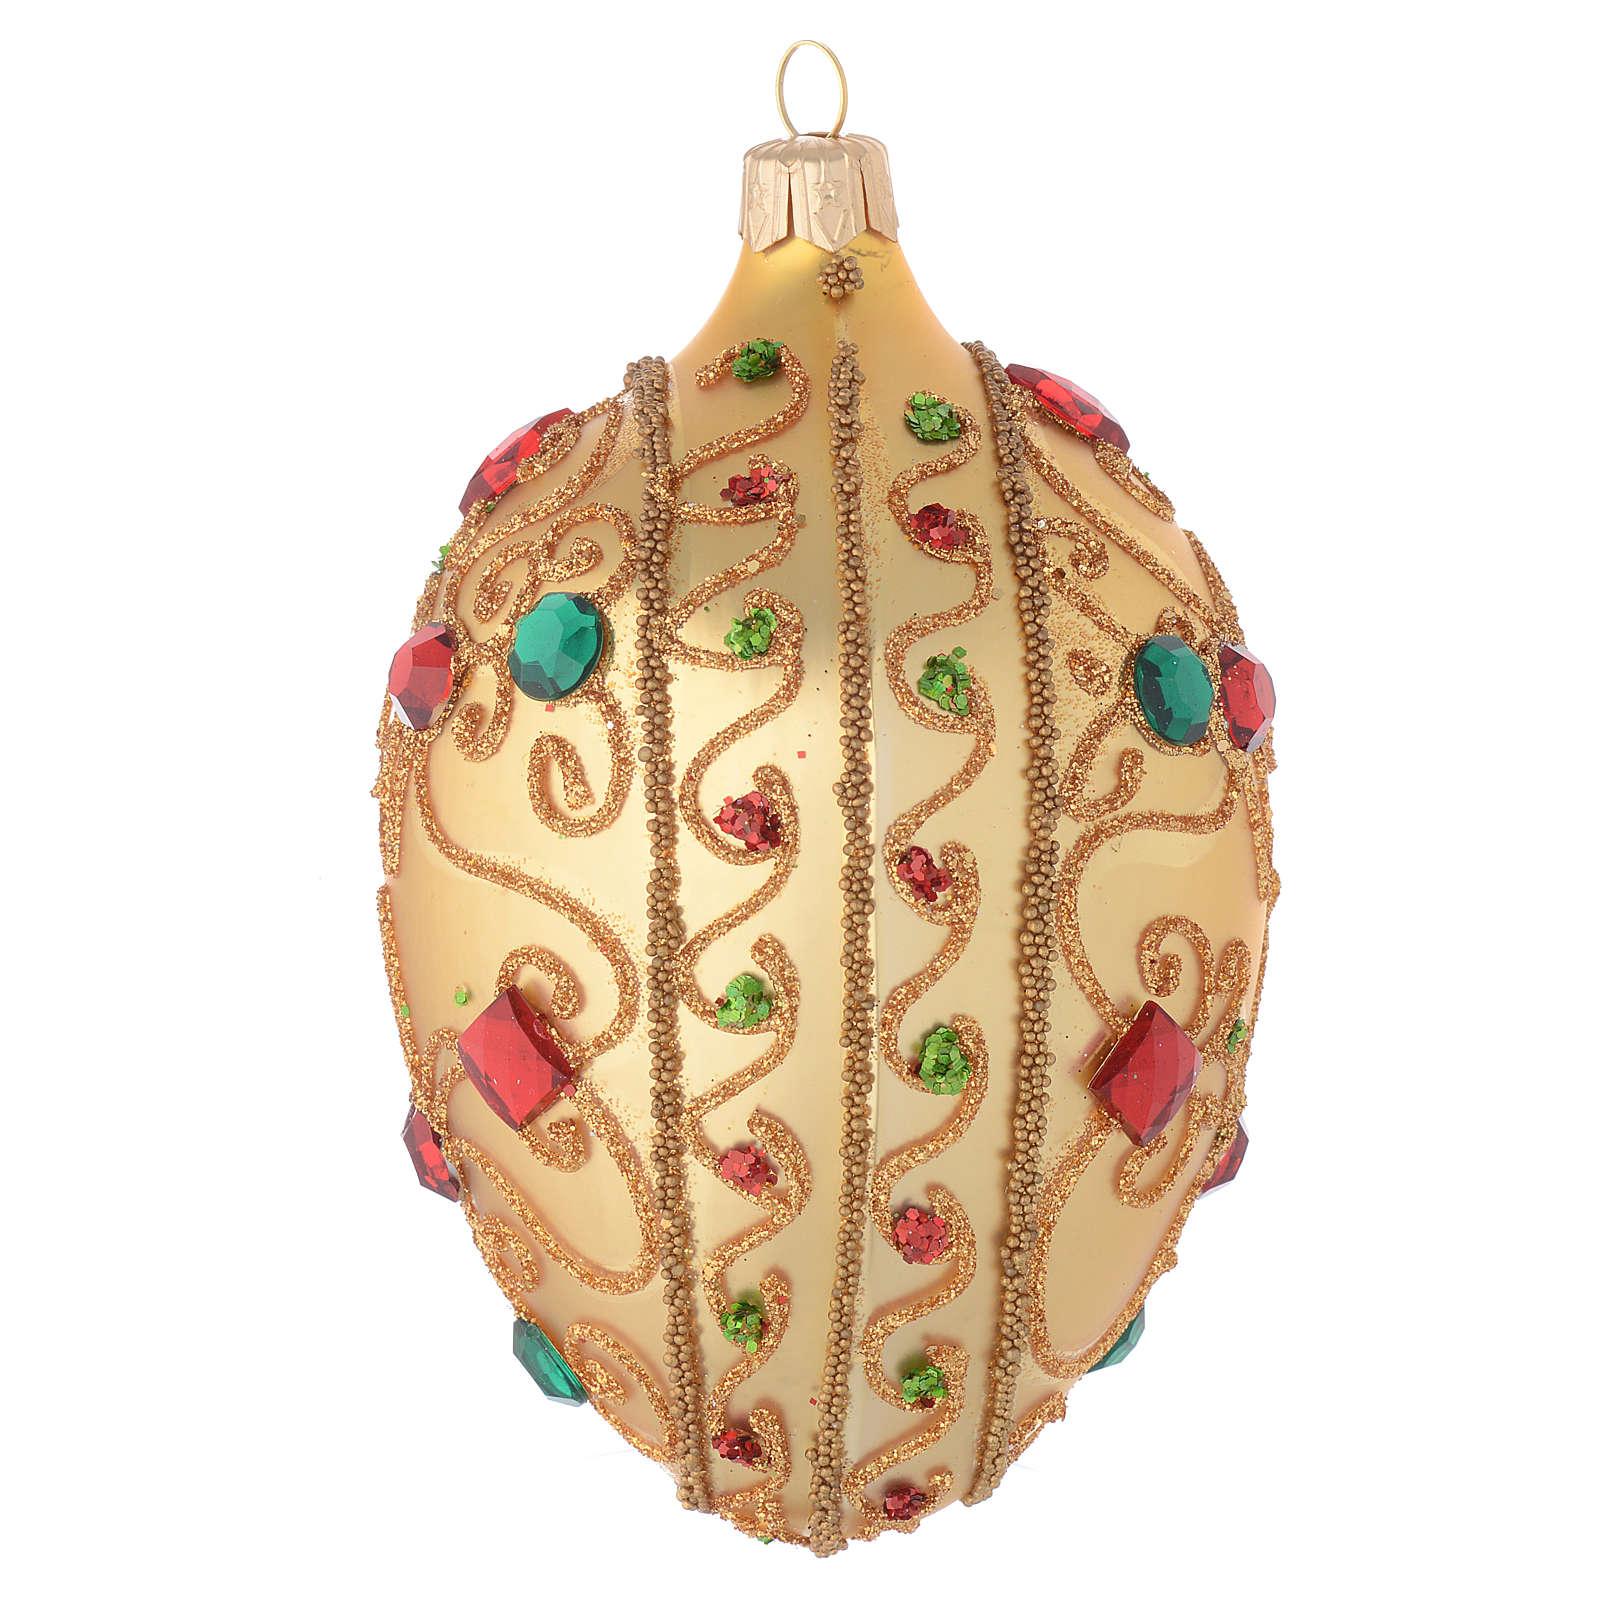 Bola de Navidad oval de vidrio soplado oro y piedras 130 mm 4